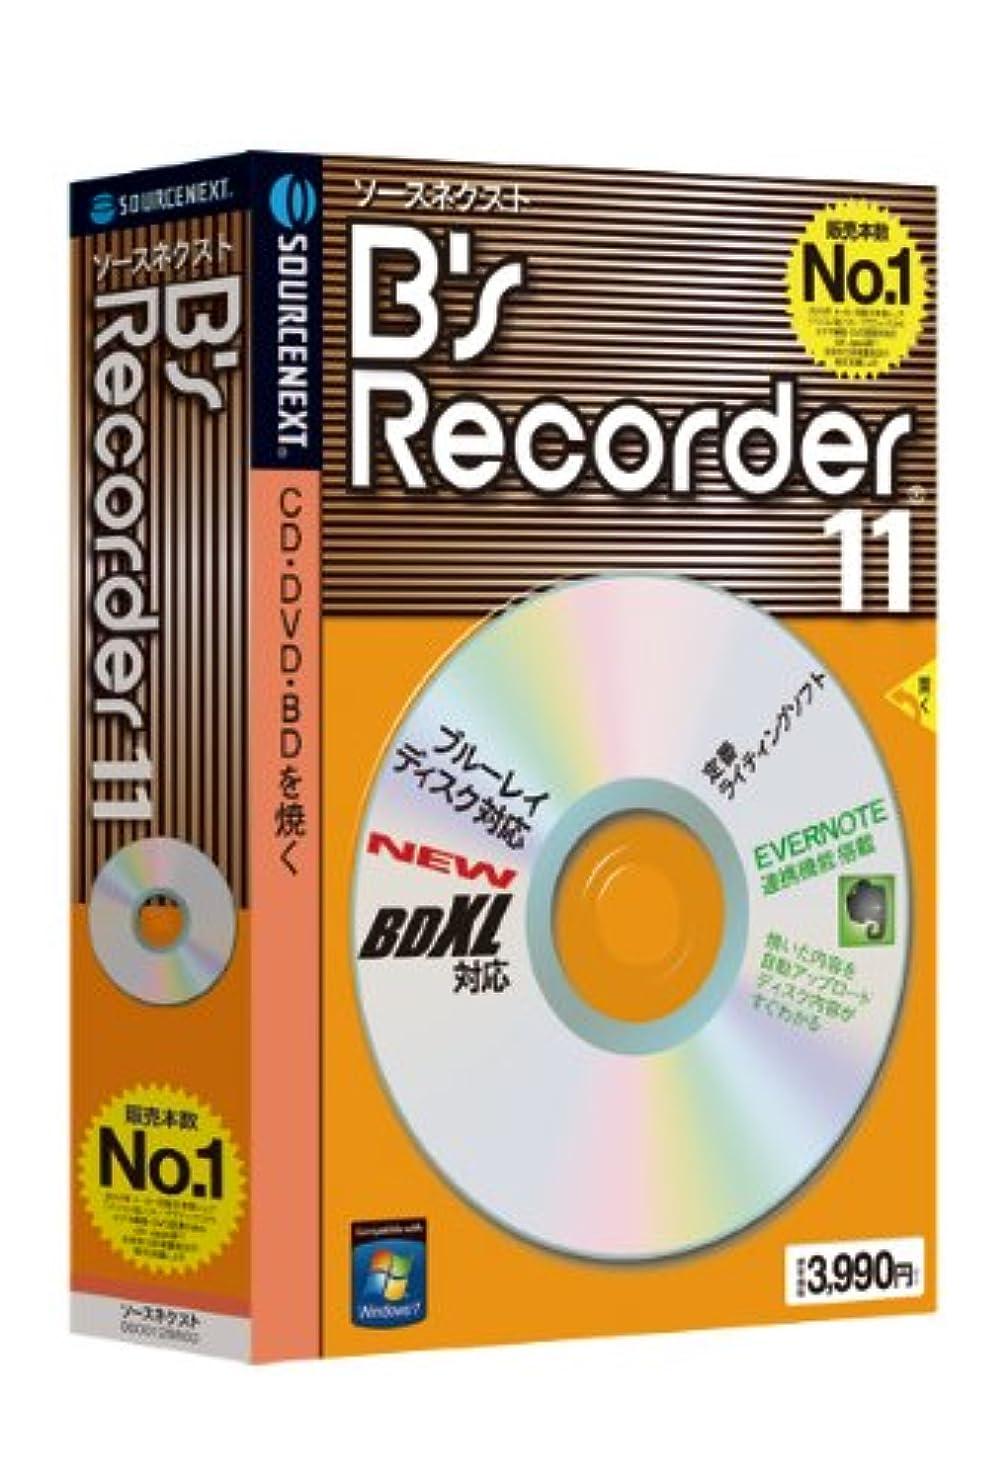 誤ビームガジュマルソースネクスト B's Recorder 11